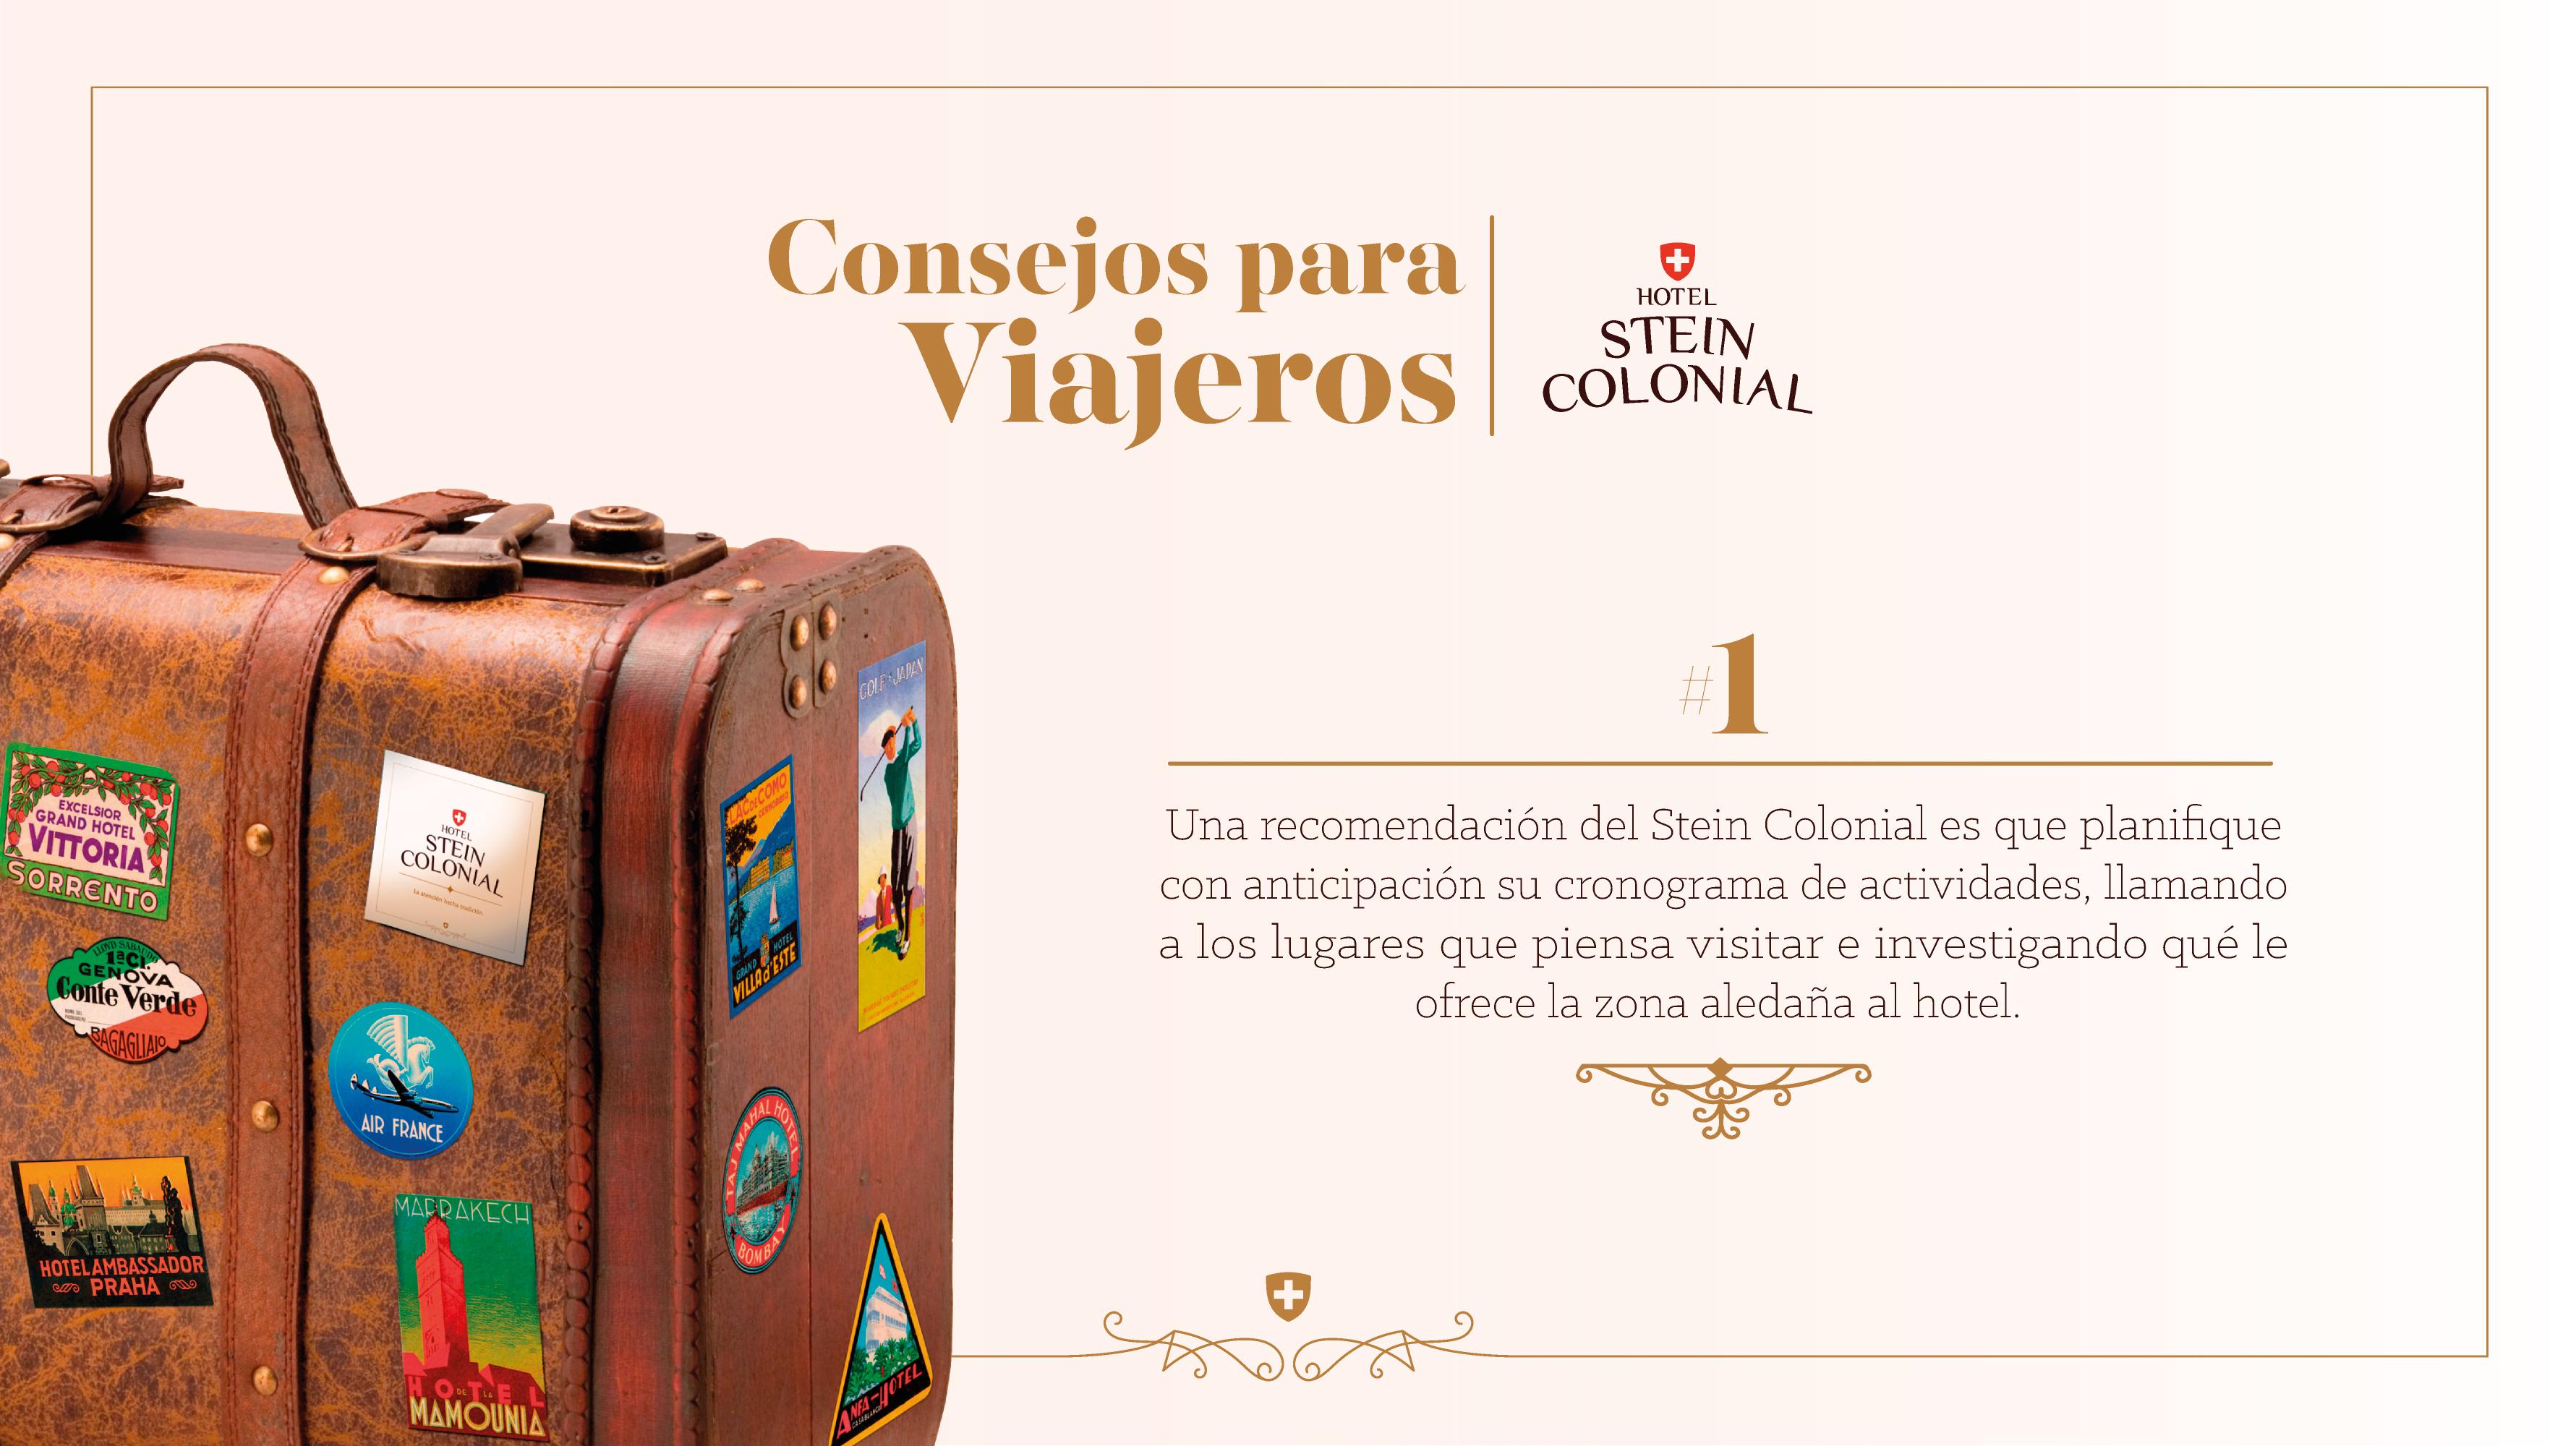 17_05_12_Tipo_Post_3_Temas_Consejos_Viajeros